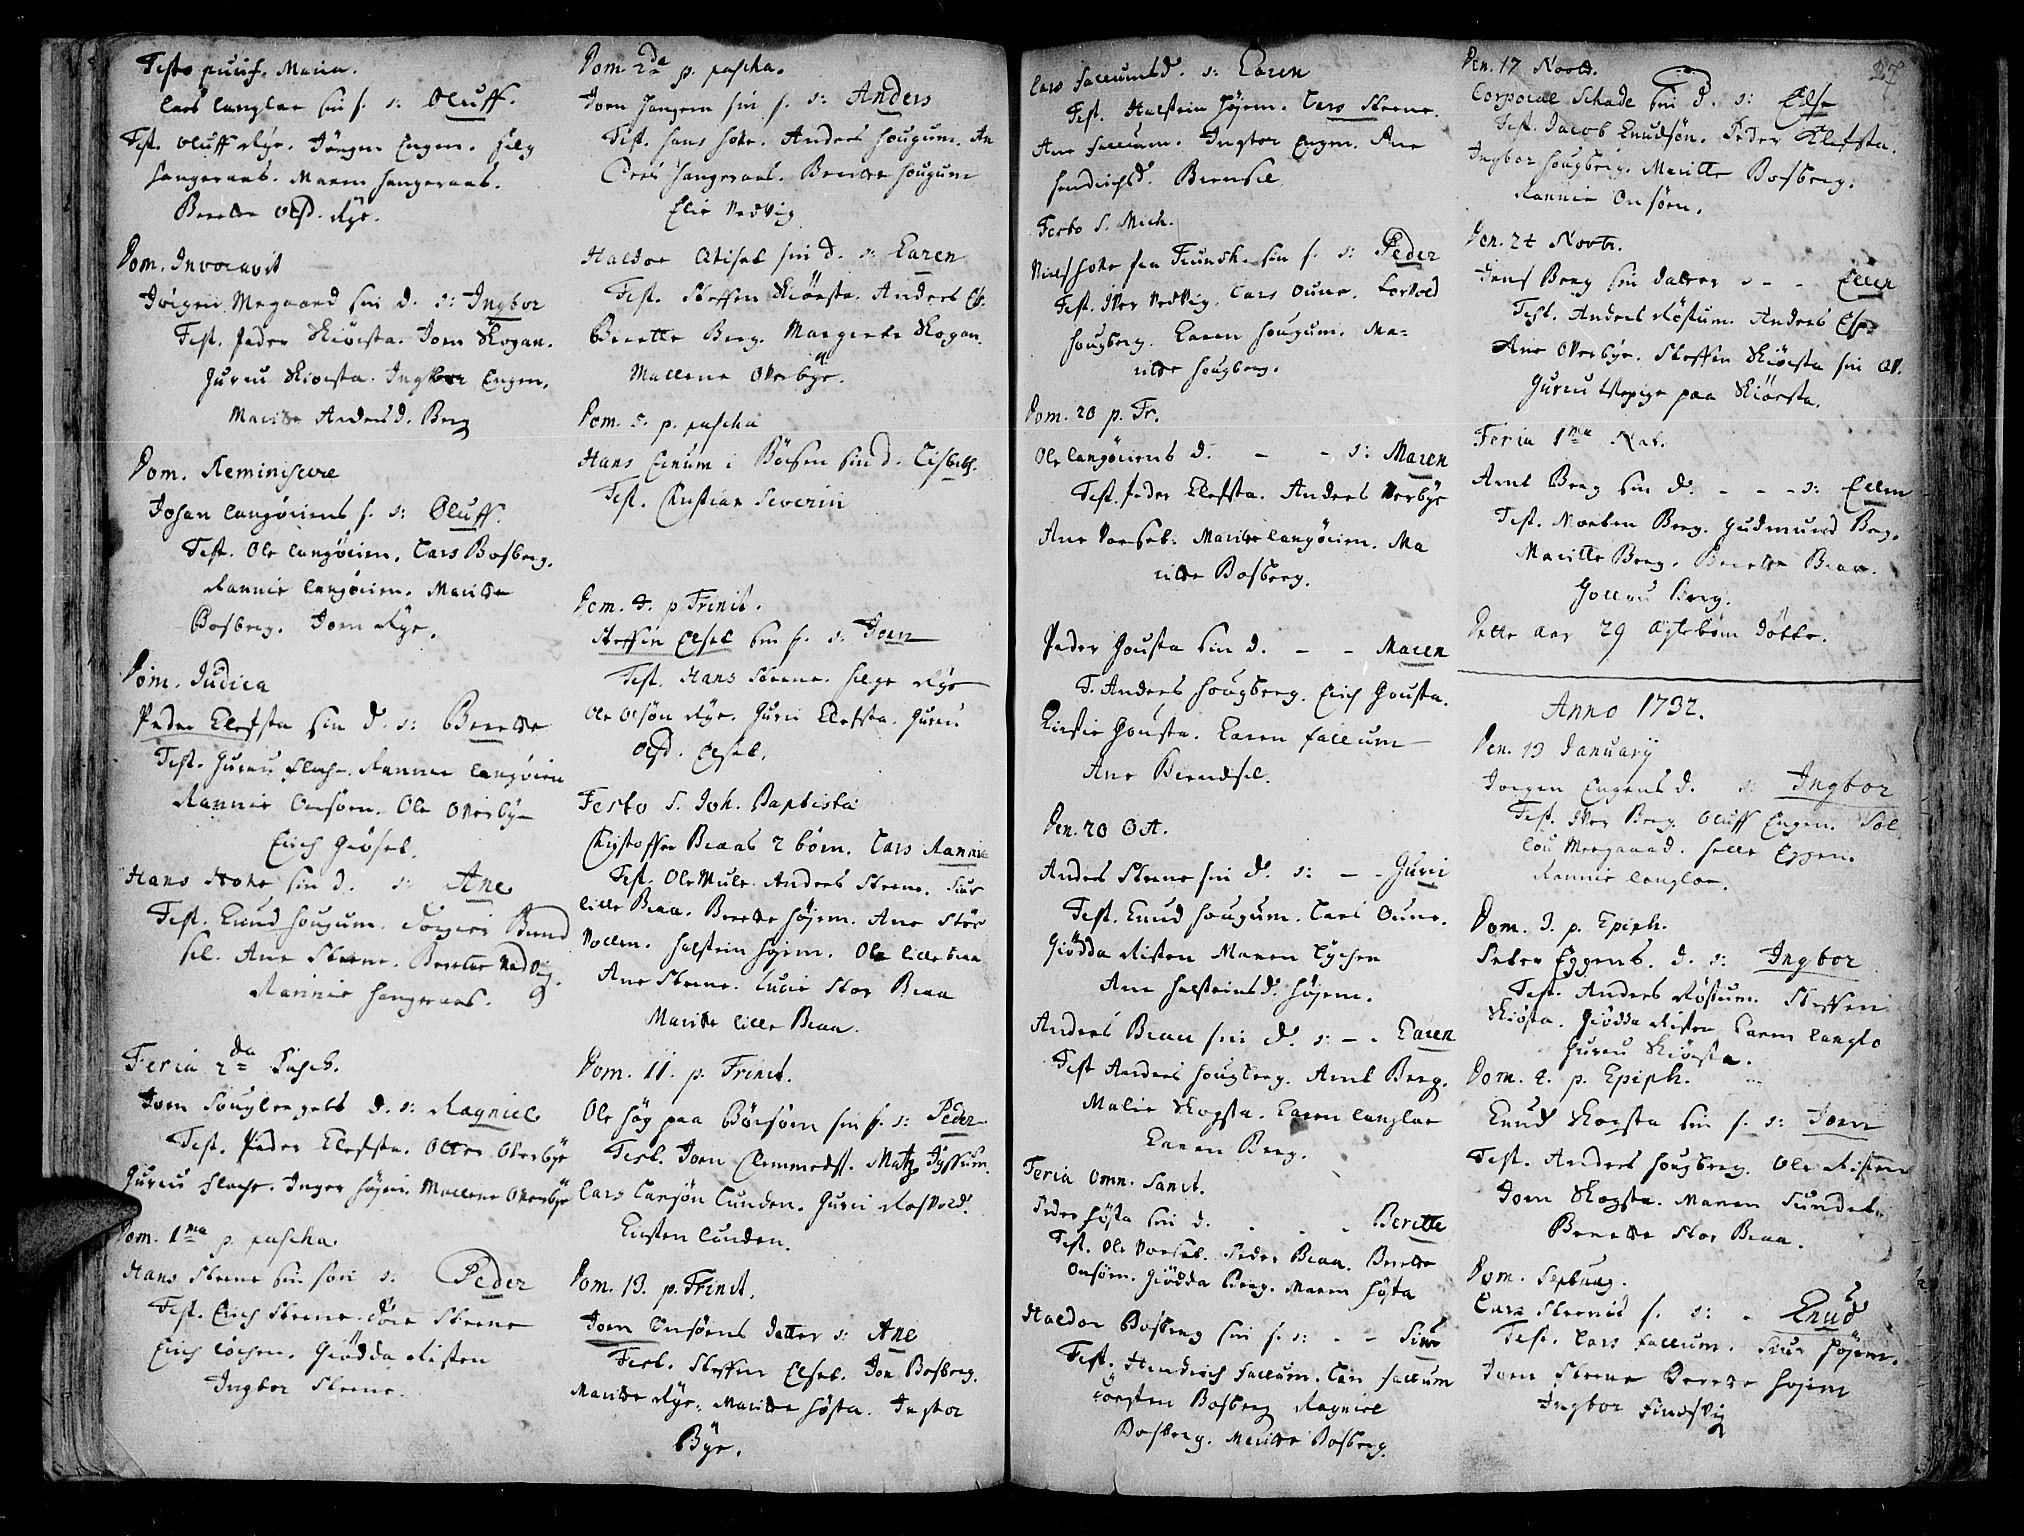 SAT, Ministerialprotokoller, klokkerbøker og fødselsregistre - Sør-Trøndelag, 612/L0368: Ministerialbok nr. 612A02, 1702-1753, s. 27